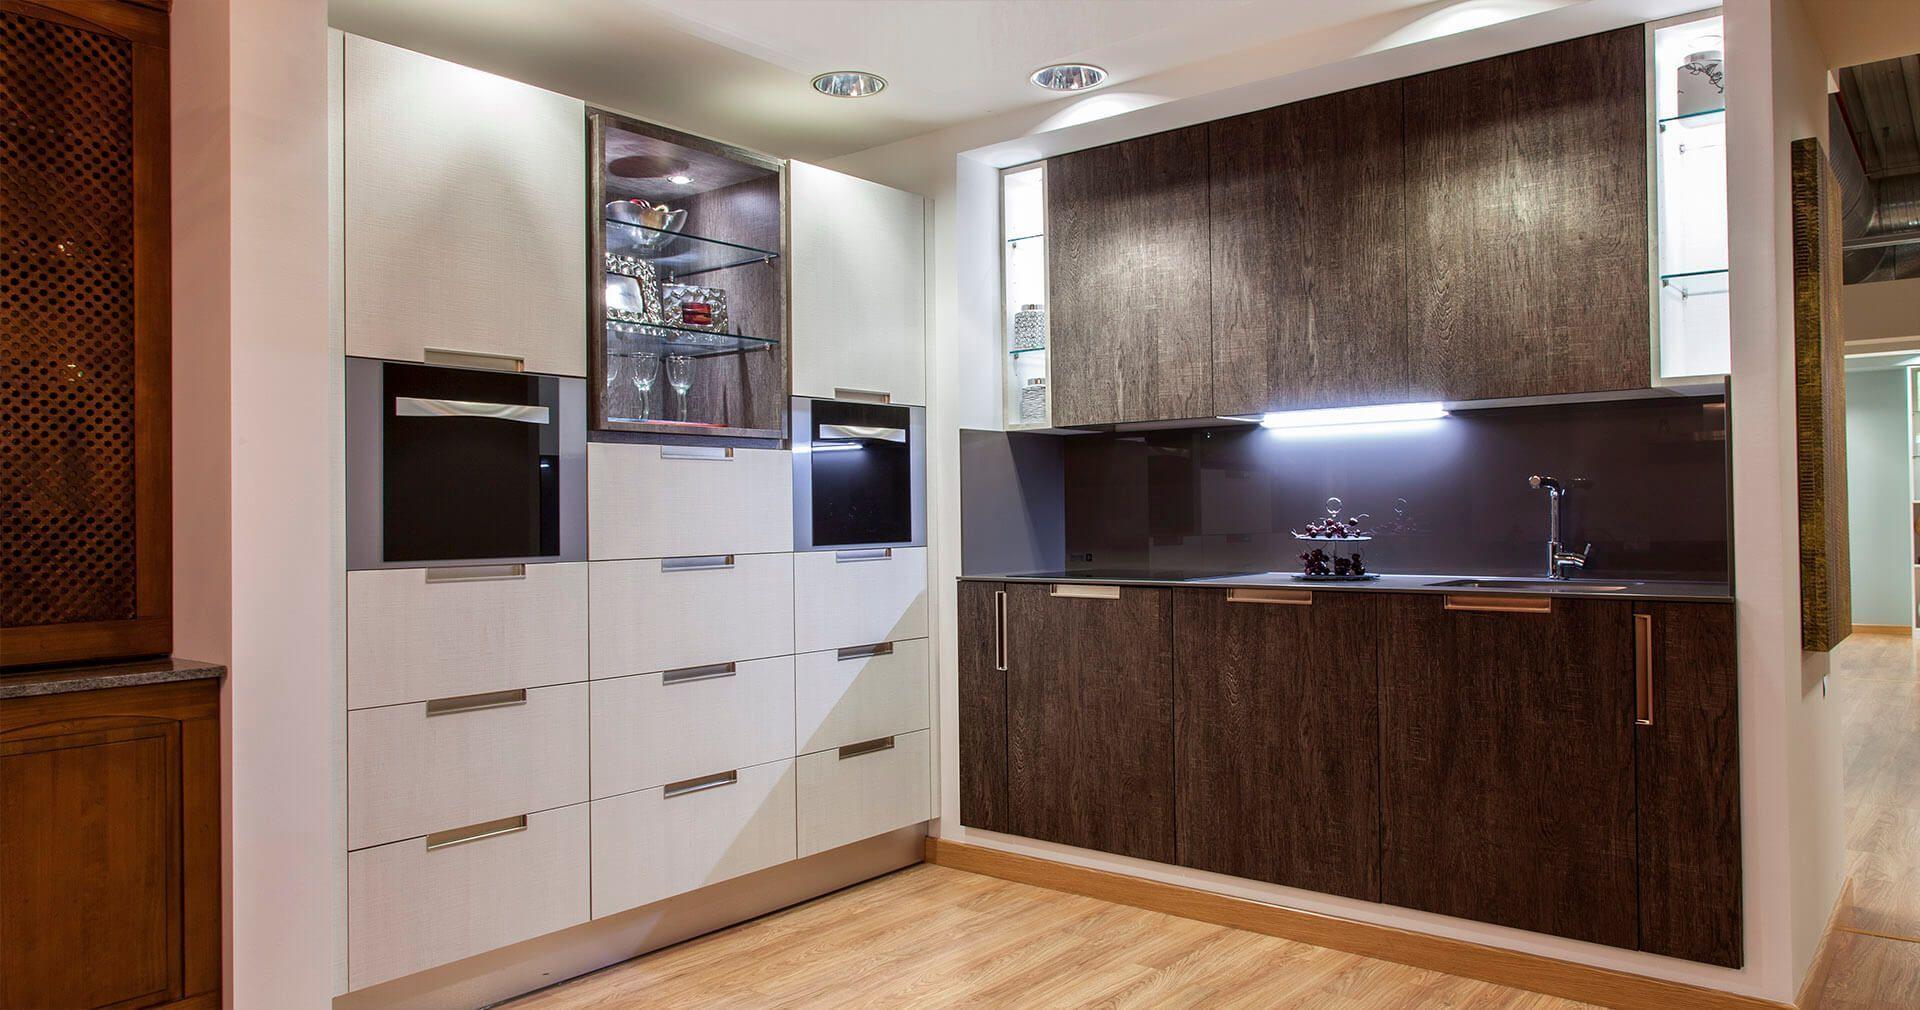 fabricantes de muebles de cocina madrid catalogo muebles On catalogo muebles de cocina